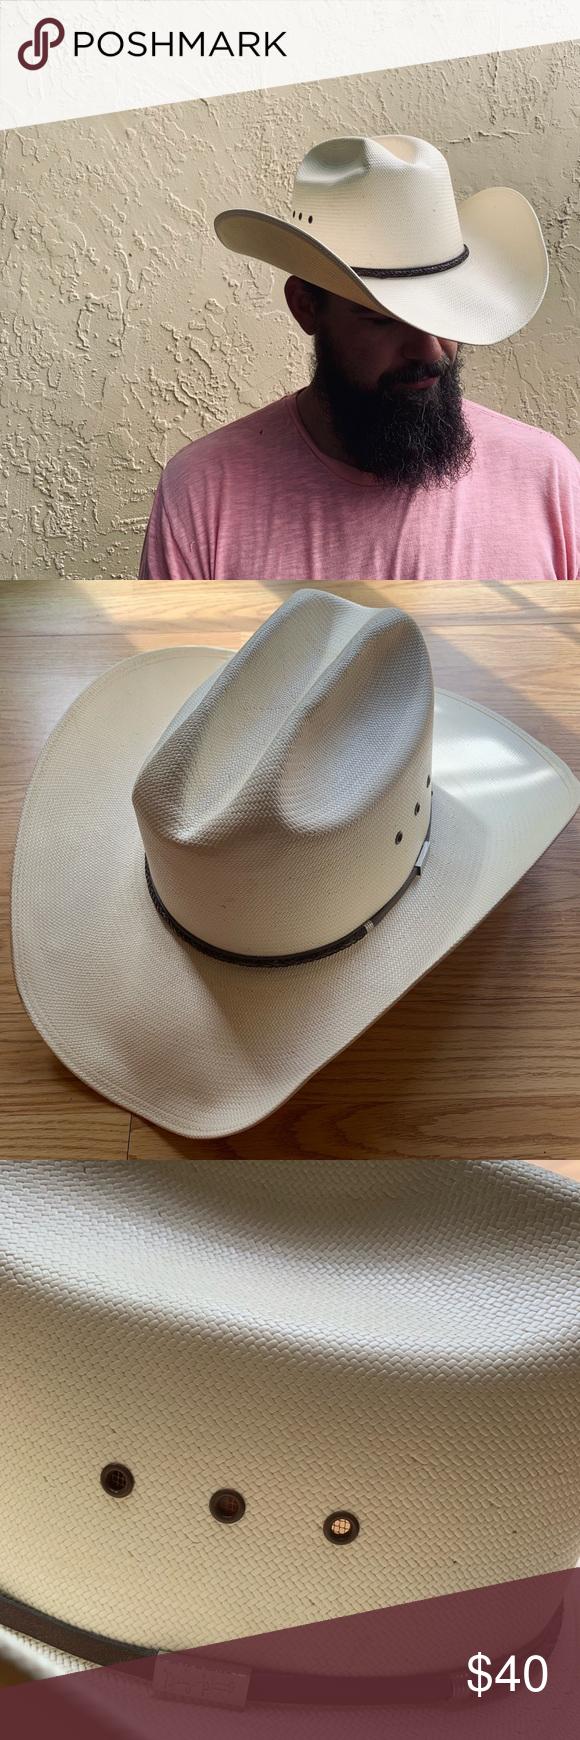 George Strait Collection Cowboy Hat Cowboy Hats Cowboy Hats